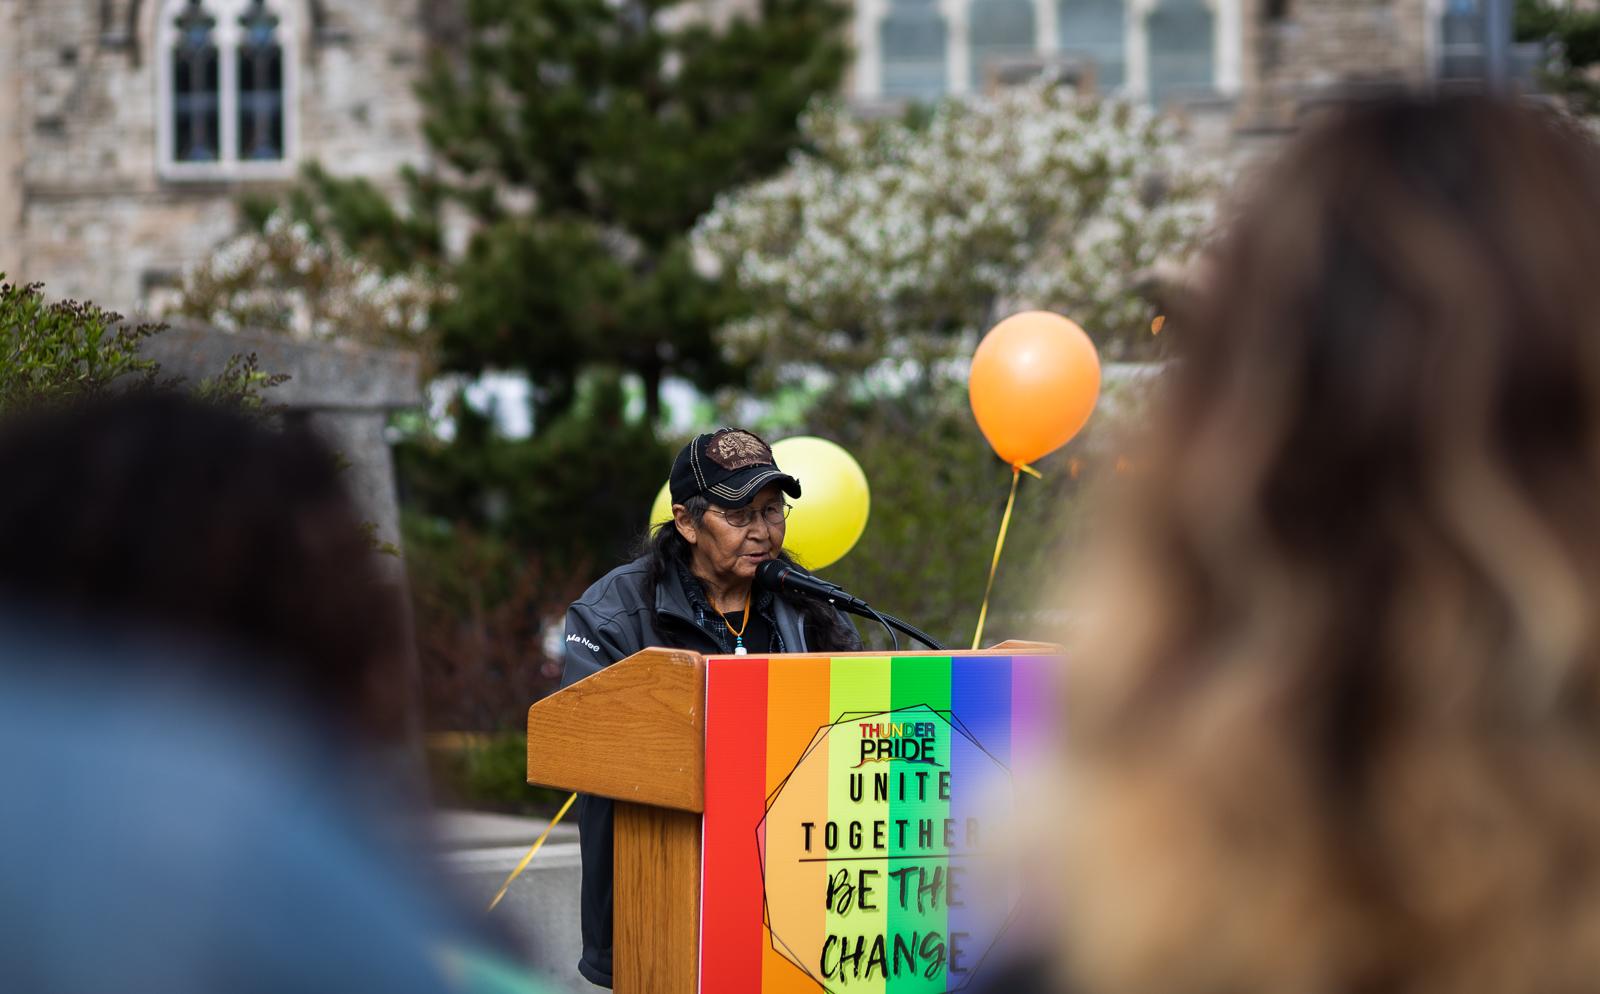 pride-2019-opening-ceremonies-blog-21.jpg